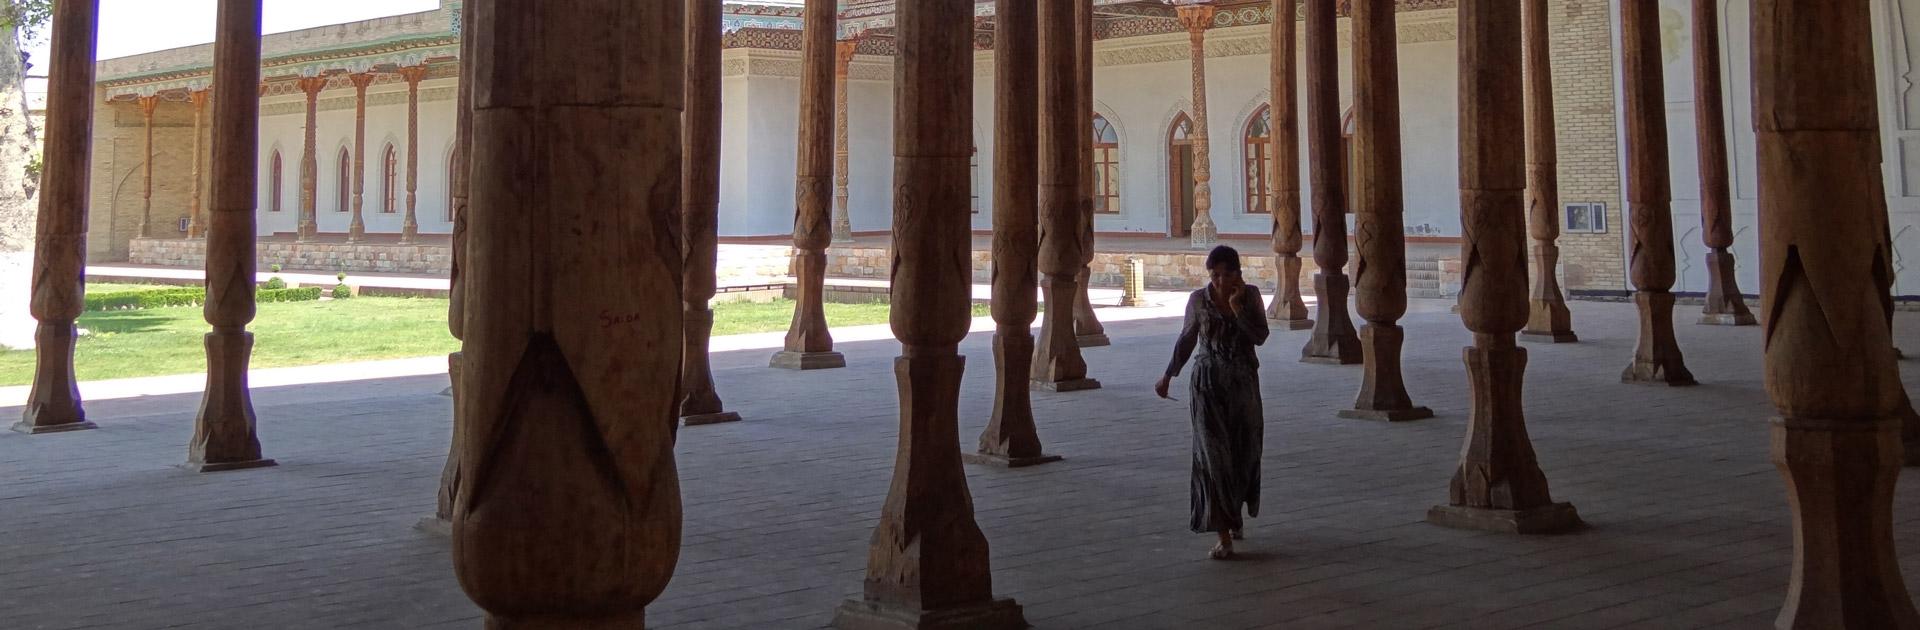 UZ Uzbekistan básico en tren y extensión a Fergana 11 días 2